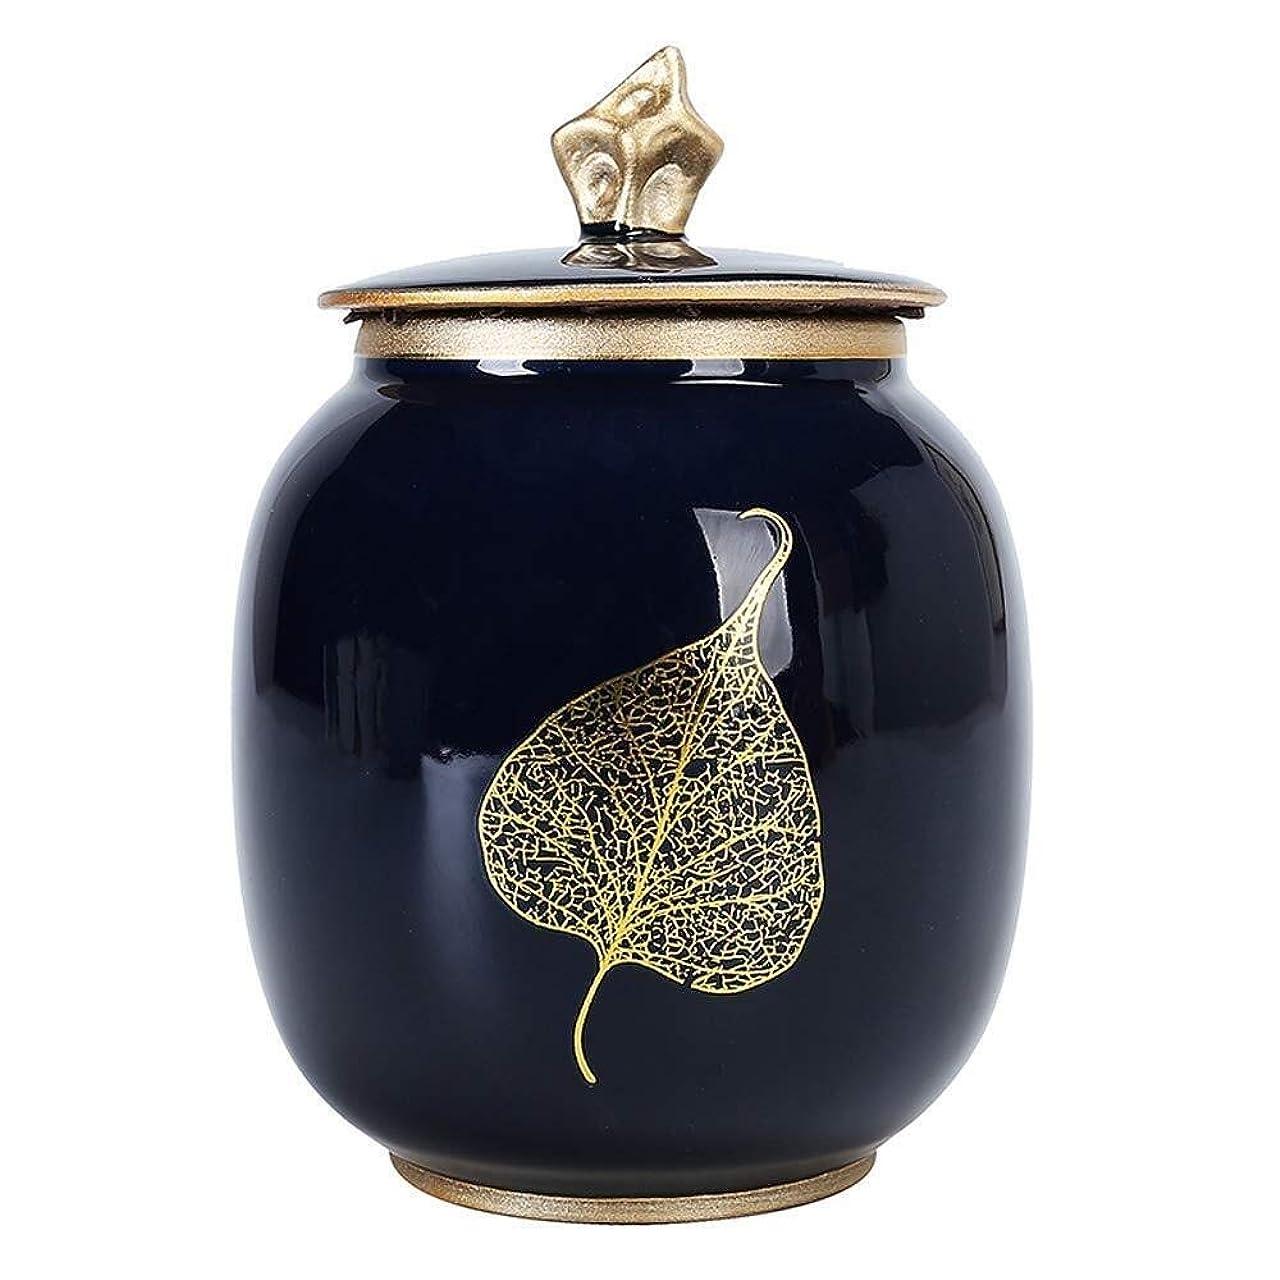 叫び声上げるおとこミニ骨壷 葬儀の,、ペットの灰の記念品の創造的な手塗りの家の装飾のための陶磁器の火葬のUr (Color : A)